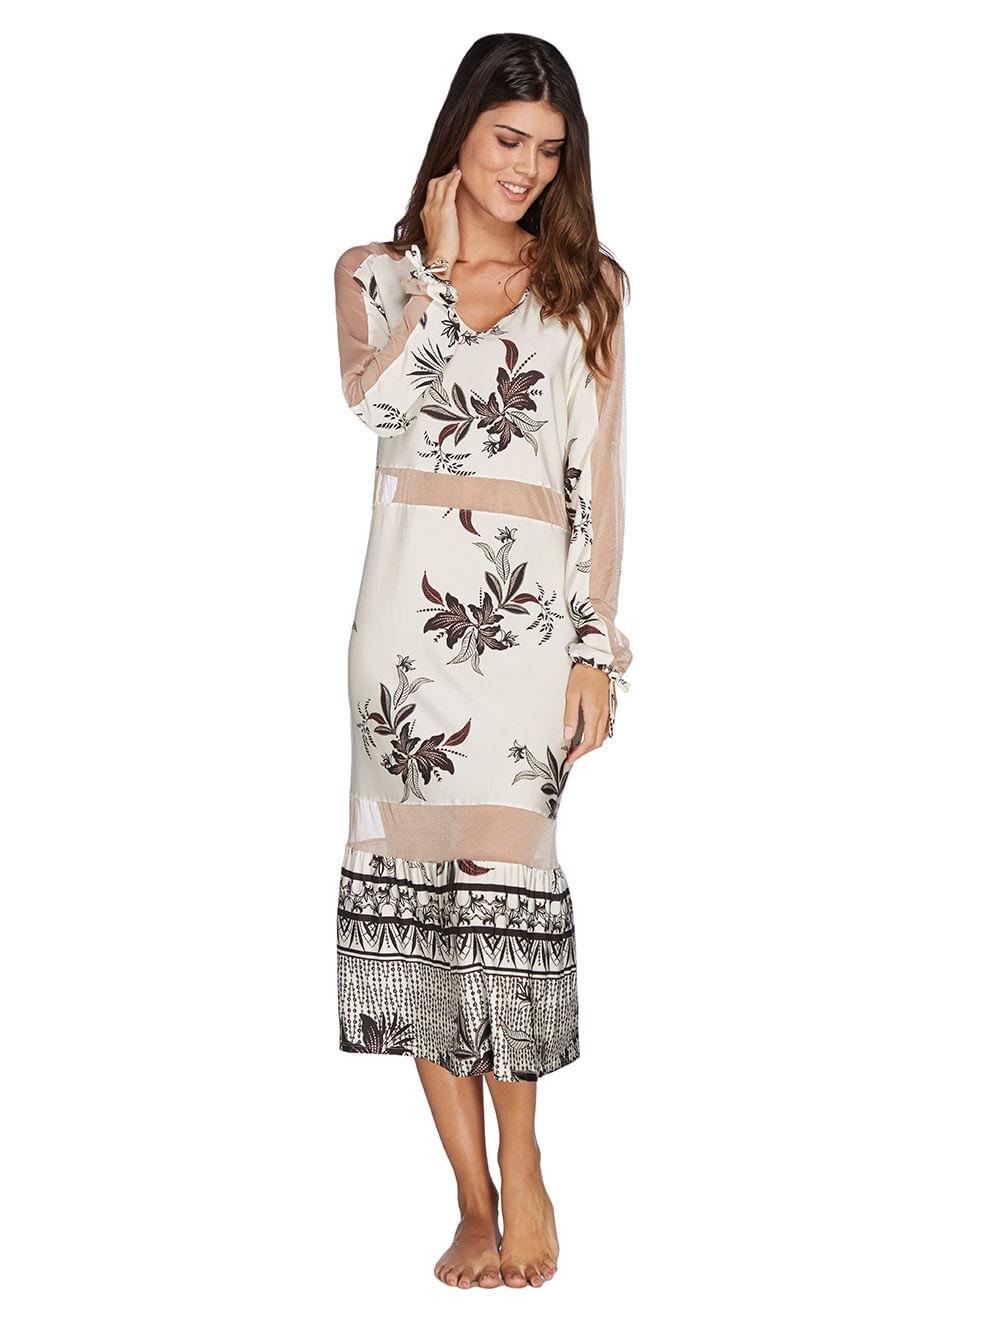 37cce5ab2 vestido-camisola-longo-estampado-56567 ...